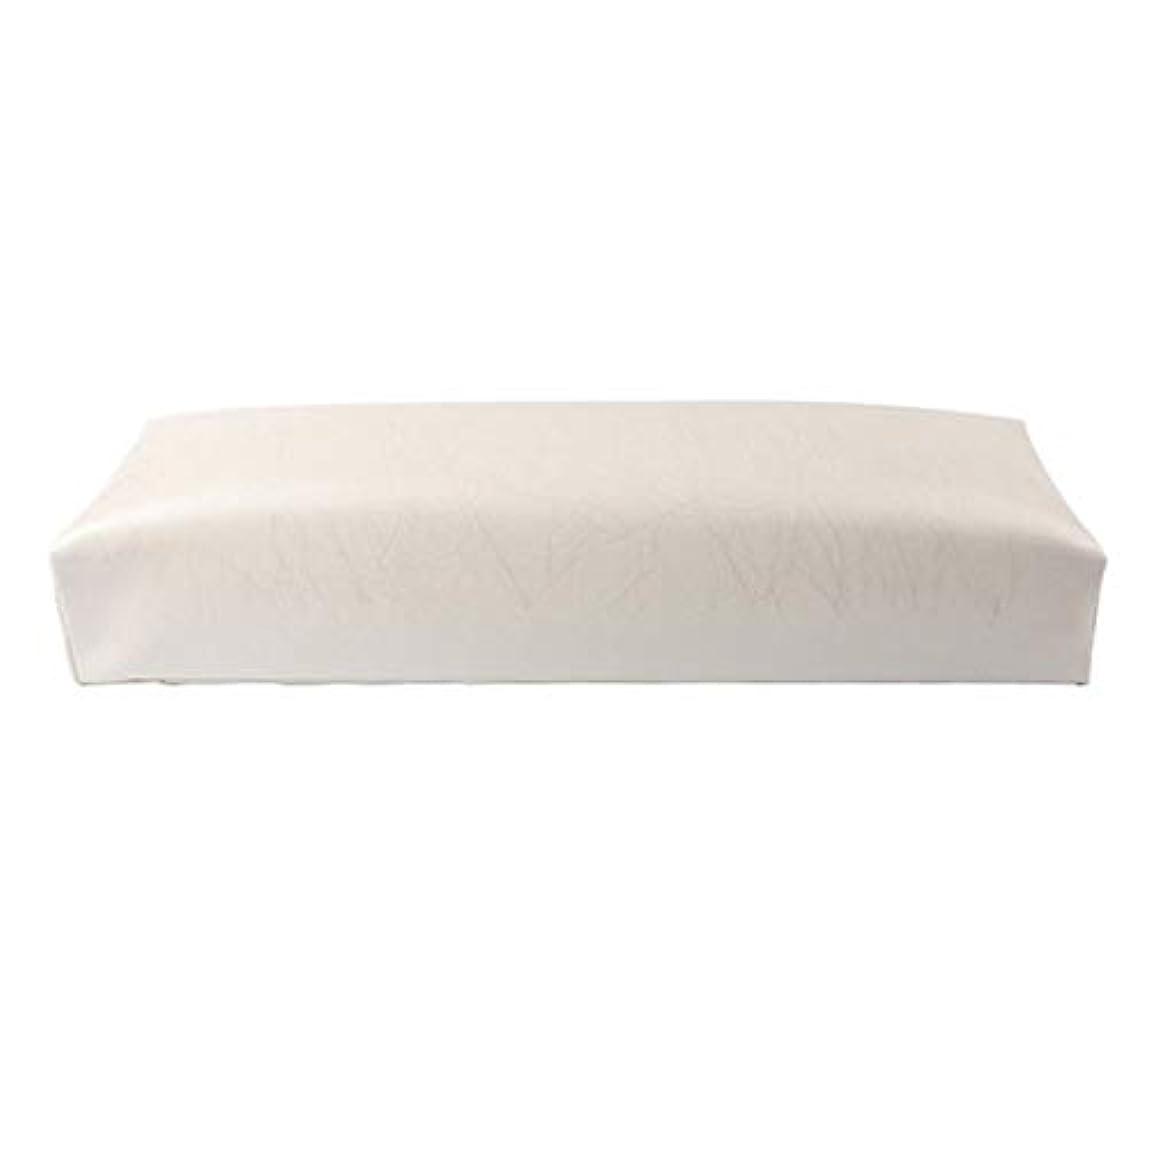 リスト恐れる午後CUHAWUDBA ネイル用マニキュアハンド枕長方形PUレザーハンドレストクッションネイルピローサロンハンドホルダーアームレストレストマニキュアネイルアートアクセサリーツールホワイト